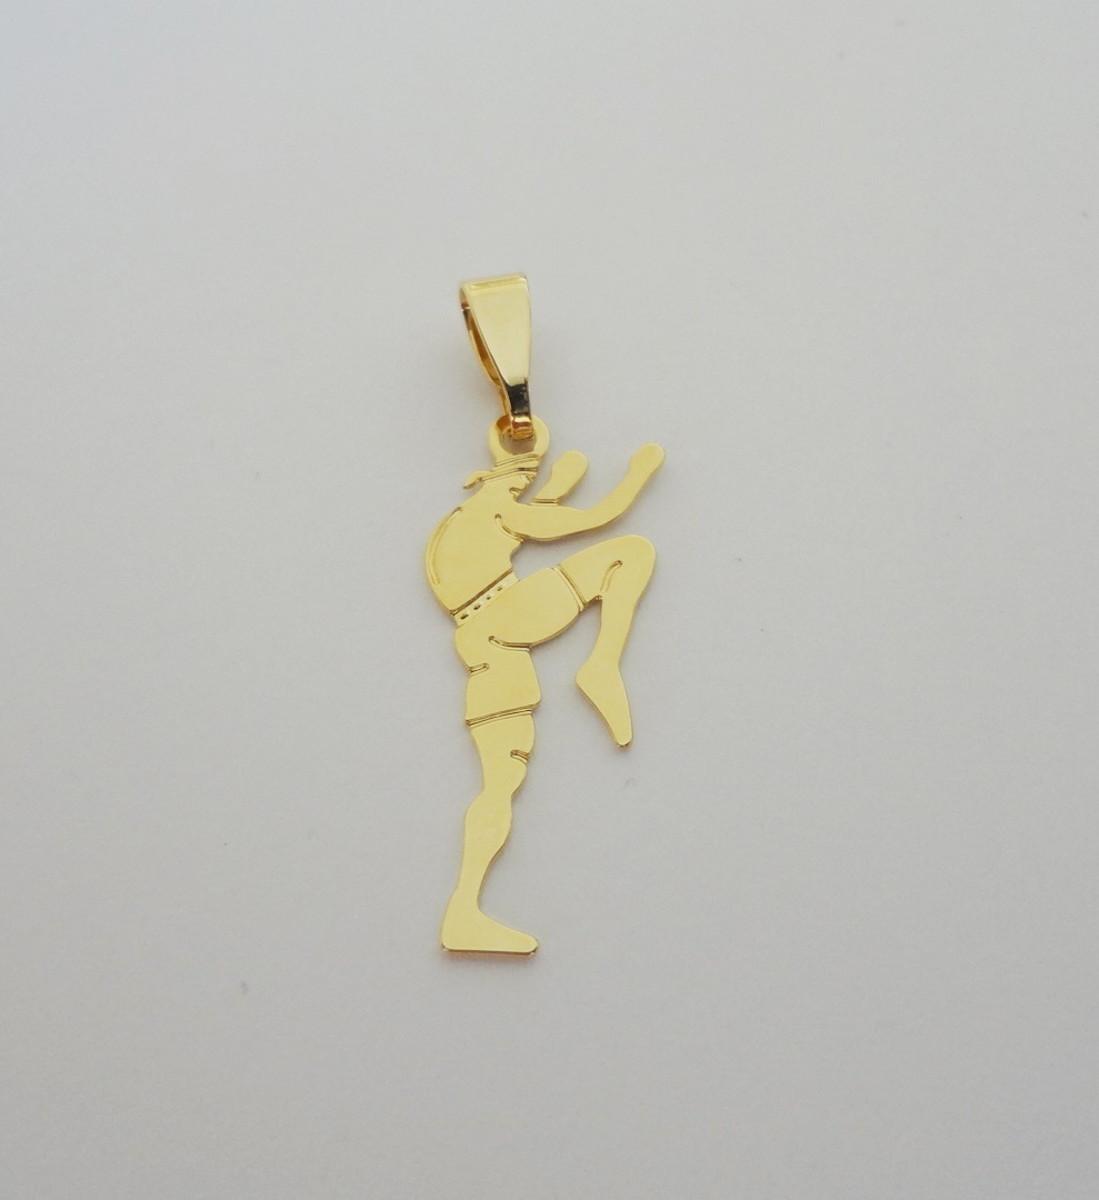 Pingente Folheado a ouro - Fitness - Luta - Homem no Elo7   Pedra do ... 366316fcaf